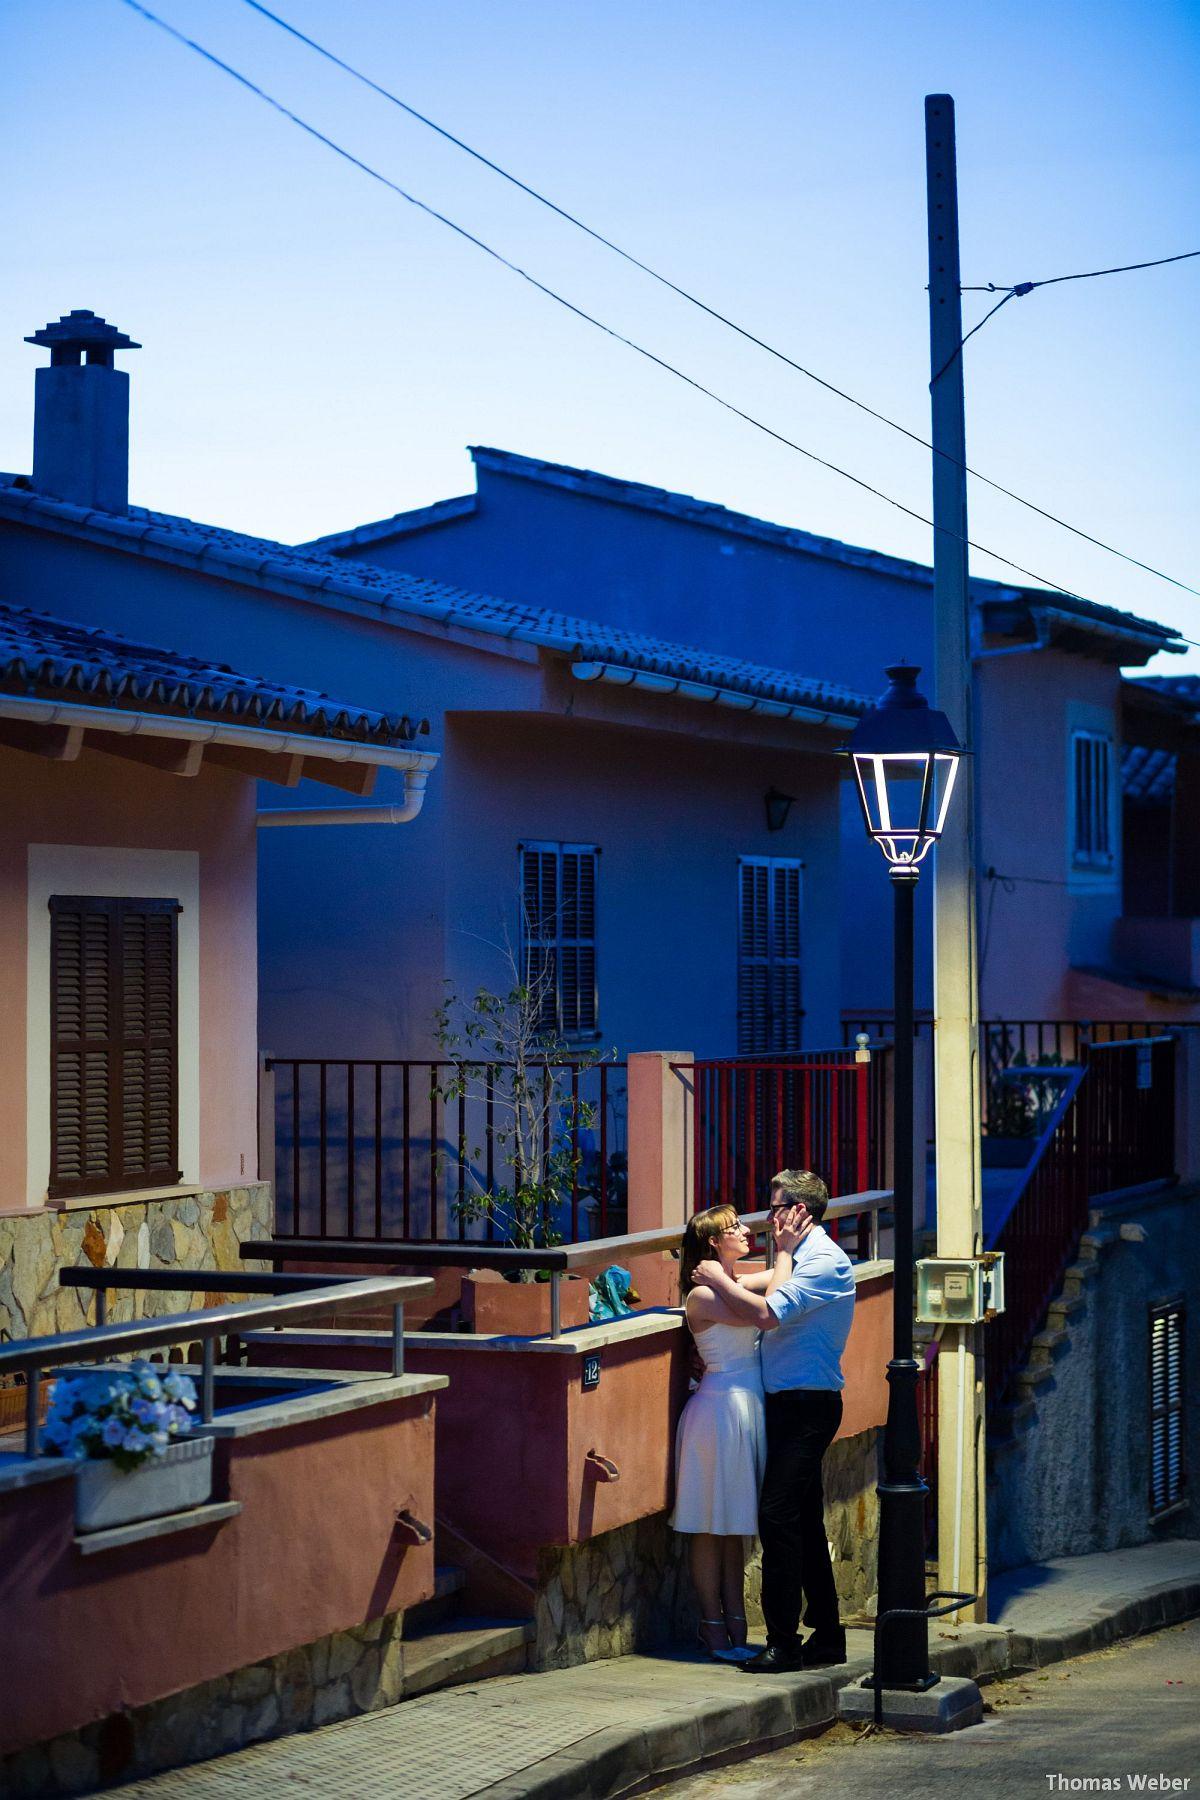 Hochzeitsfotograf Thomas Weber aus Oldenburg: Hochzeitsfotos und Paarfotos auf Mallorca (47)